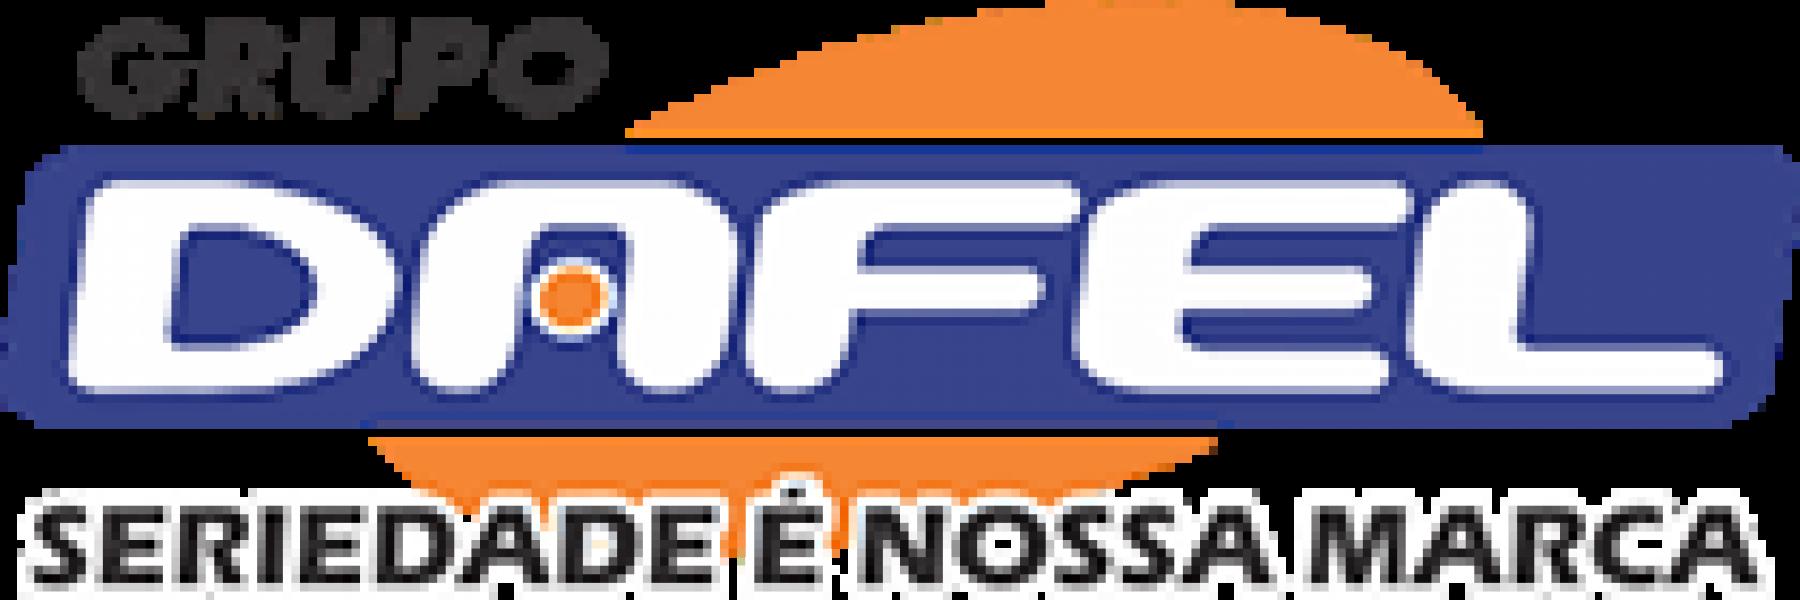 Dafel